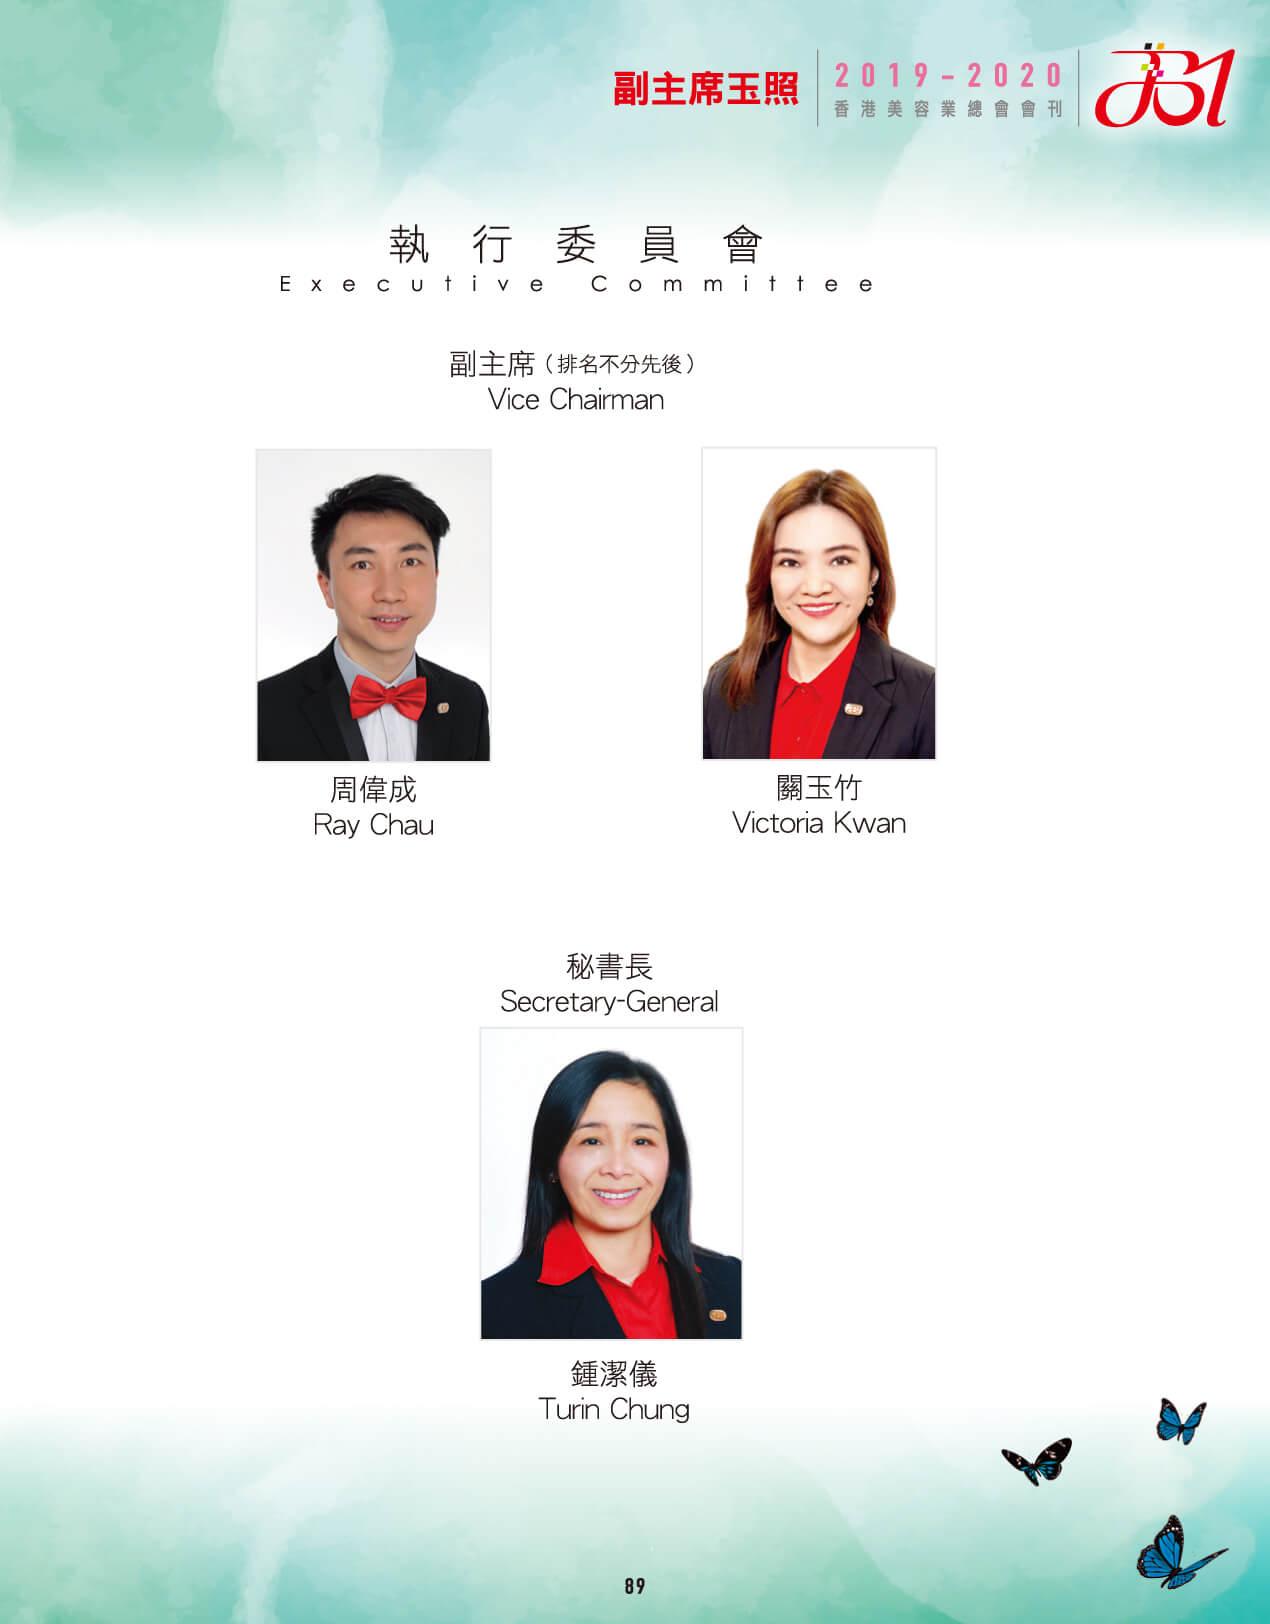 P089-2019-2020-FBi-Executive Committee